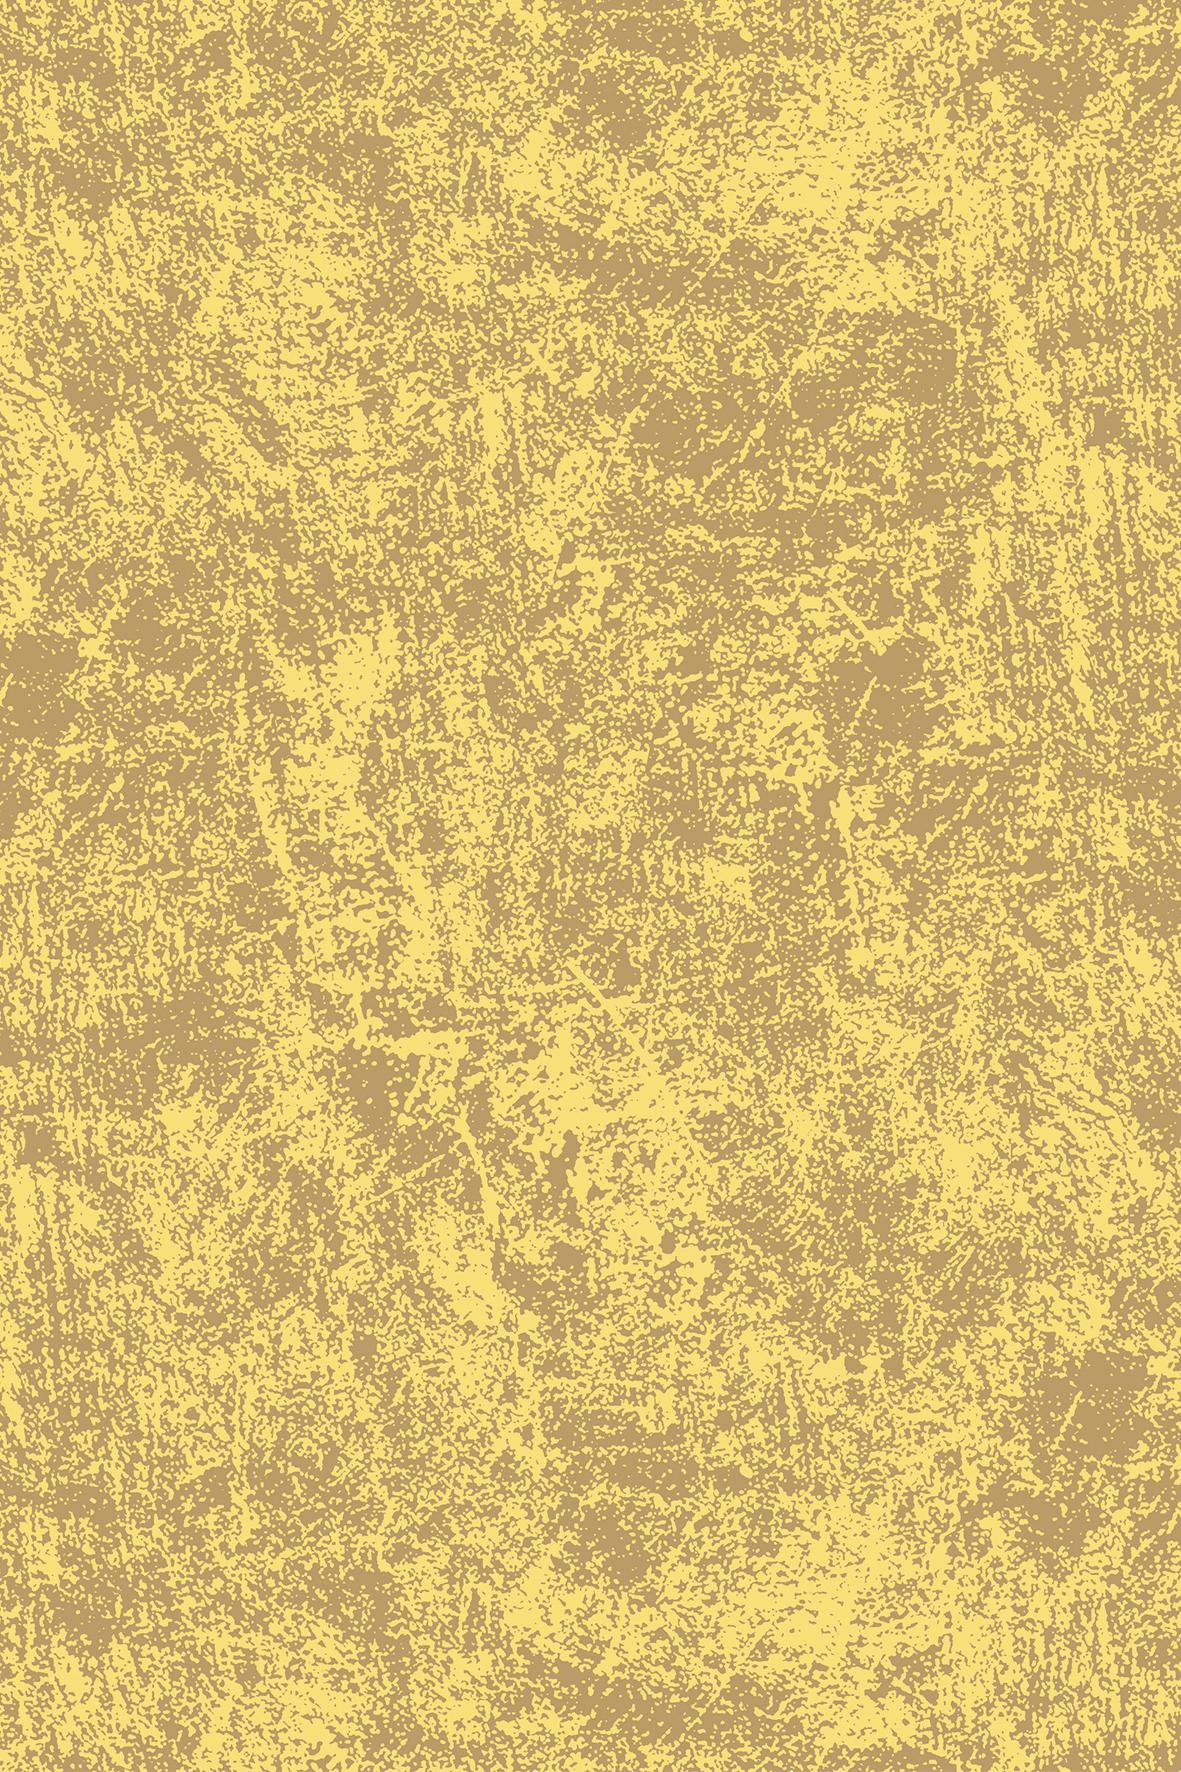 Бумага упаковочная Stewo Odeon, 70 х 150 см2528683180Подарочная бумага Stewo способна превратить даже самый маленький сувенир в настоящий большой подарок! Ваш презент не останется незаметным, ведь каждый дизайн упаковки отрисован вручную командой швейцарских дизайнеров, а ассортимент меняется каждые пол года. Тематика дизайна: Однотонная Золотая Размеры: 0,7x1,5м Тип: Односторонняя